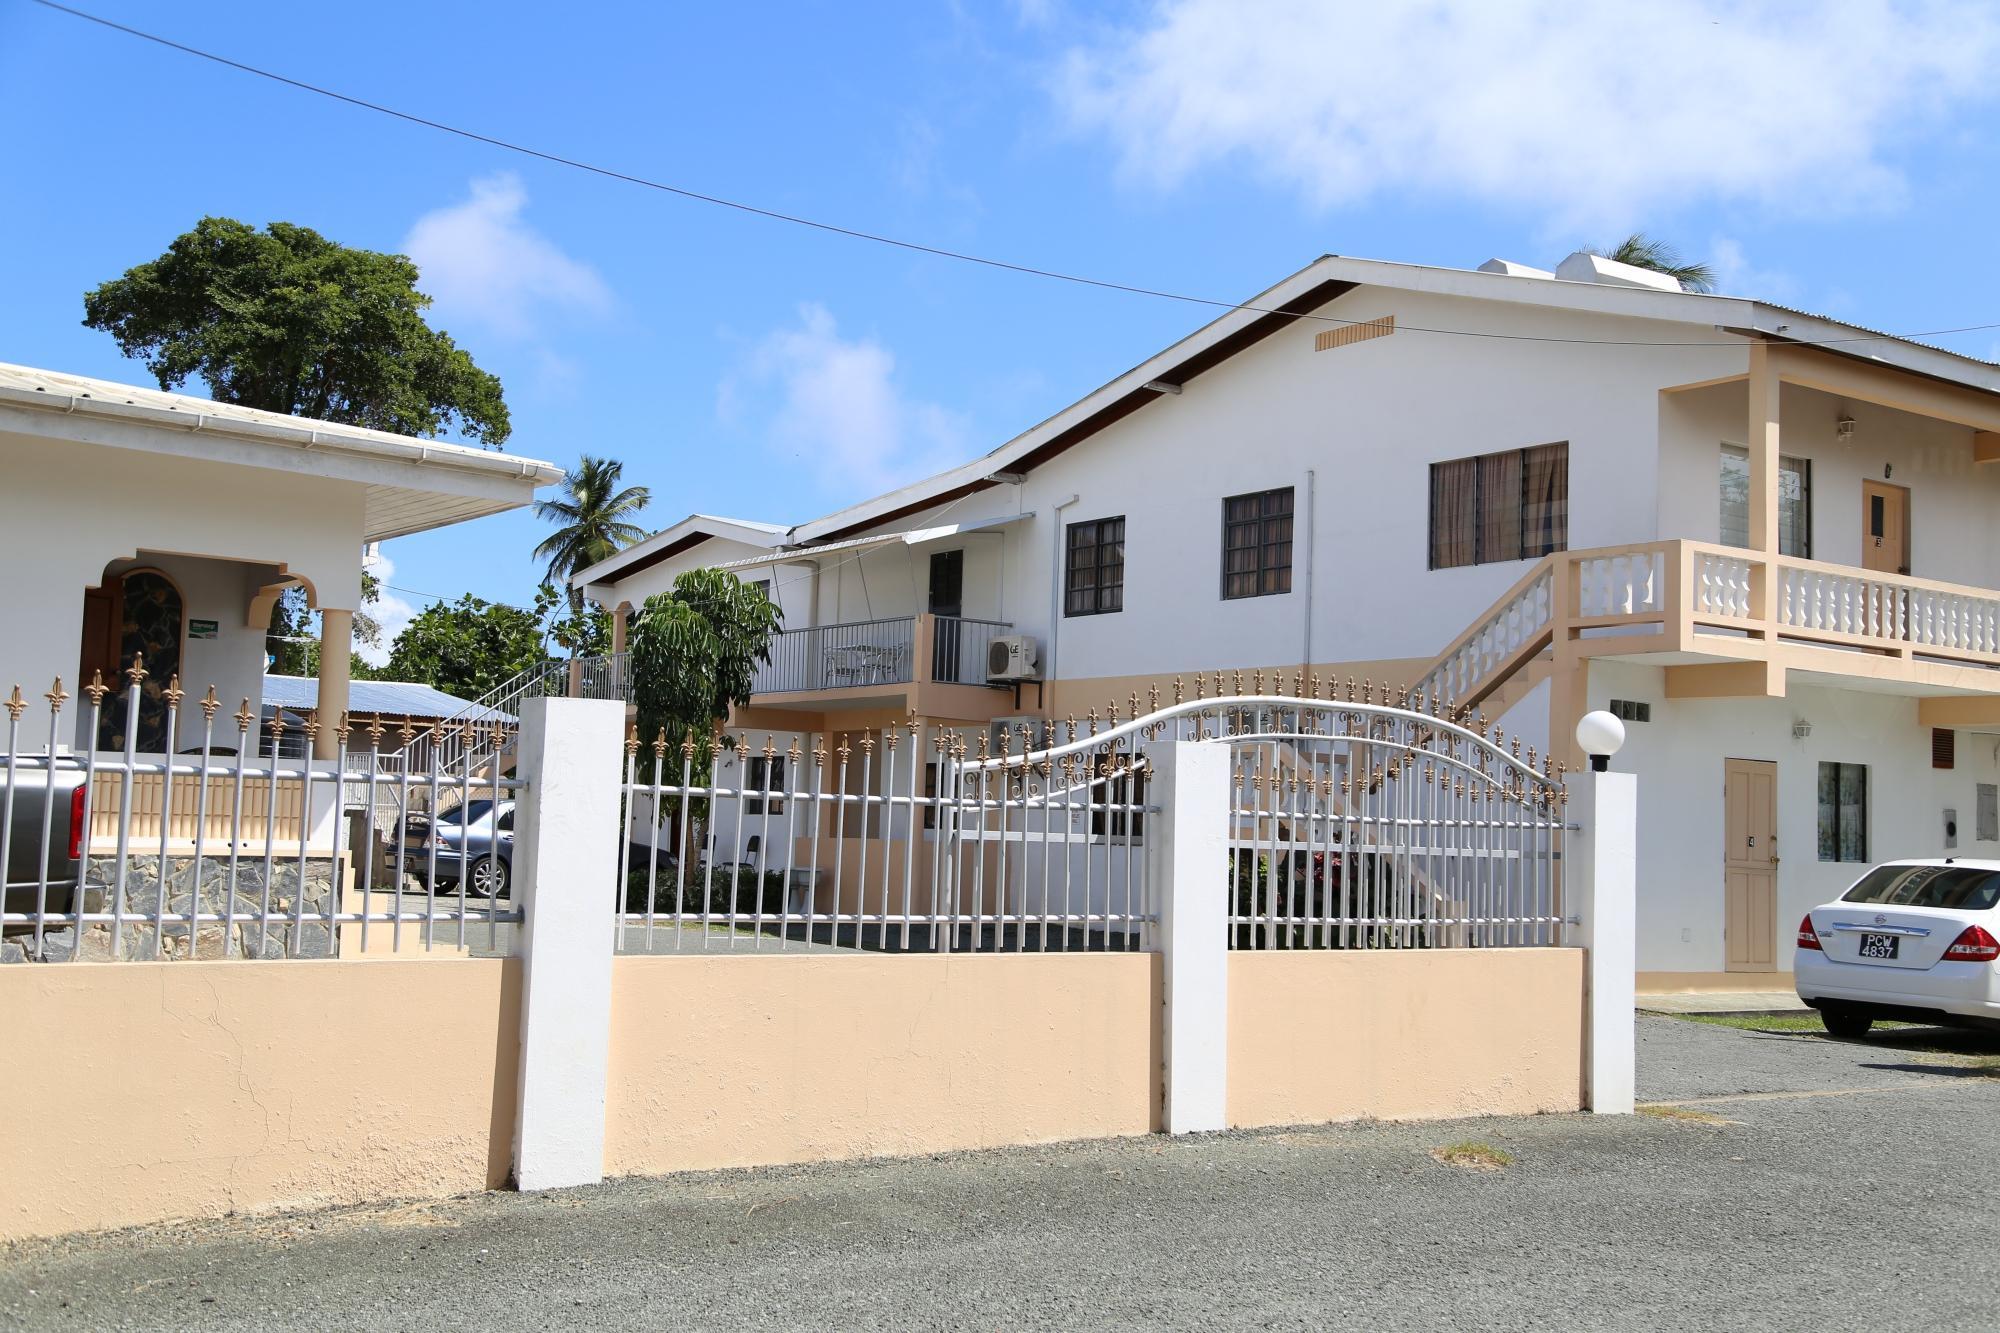 Tobago Lesville